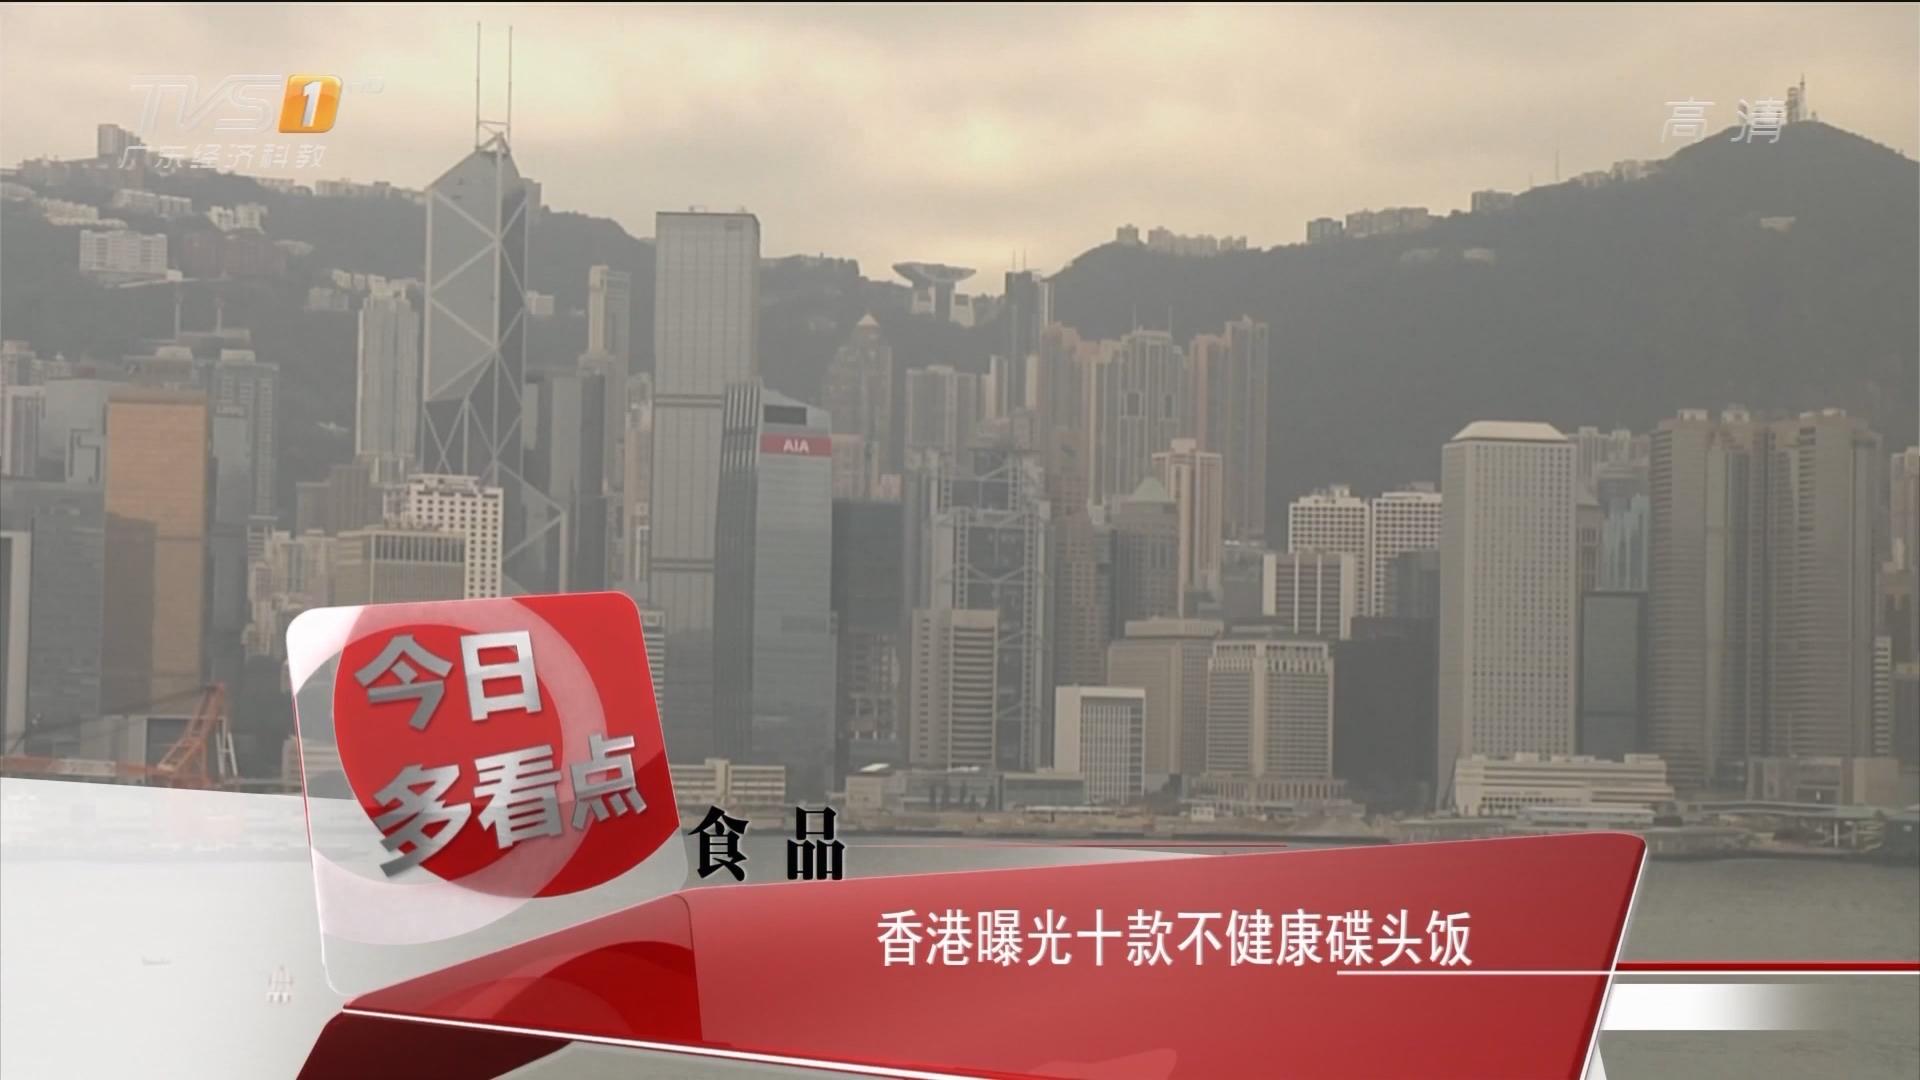 食品:香港曝光十款不健康碟头饭